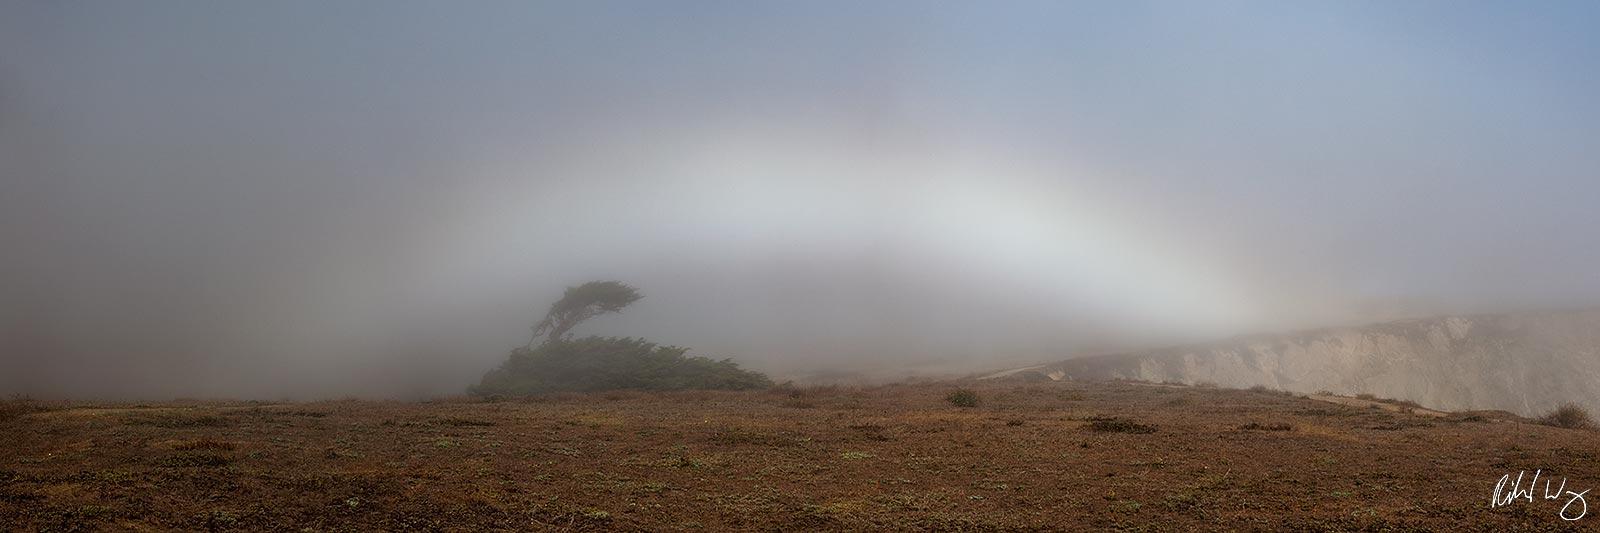 Fogbow Panoramic at Bodega Head, Sonoma Coast, California